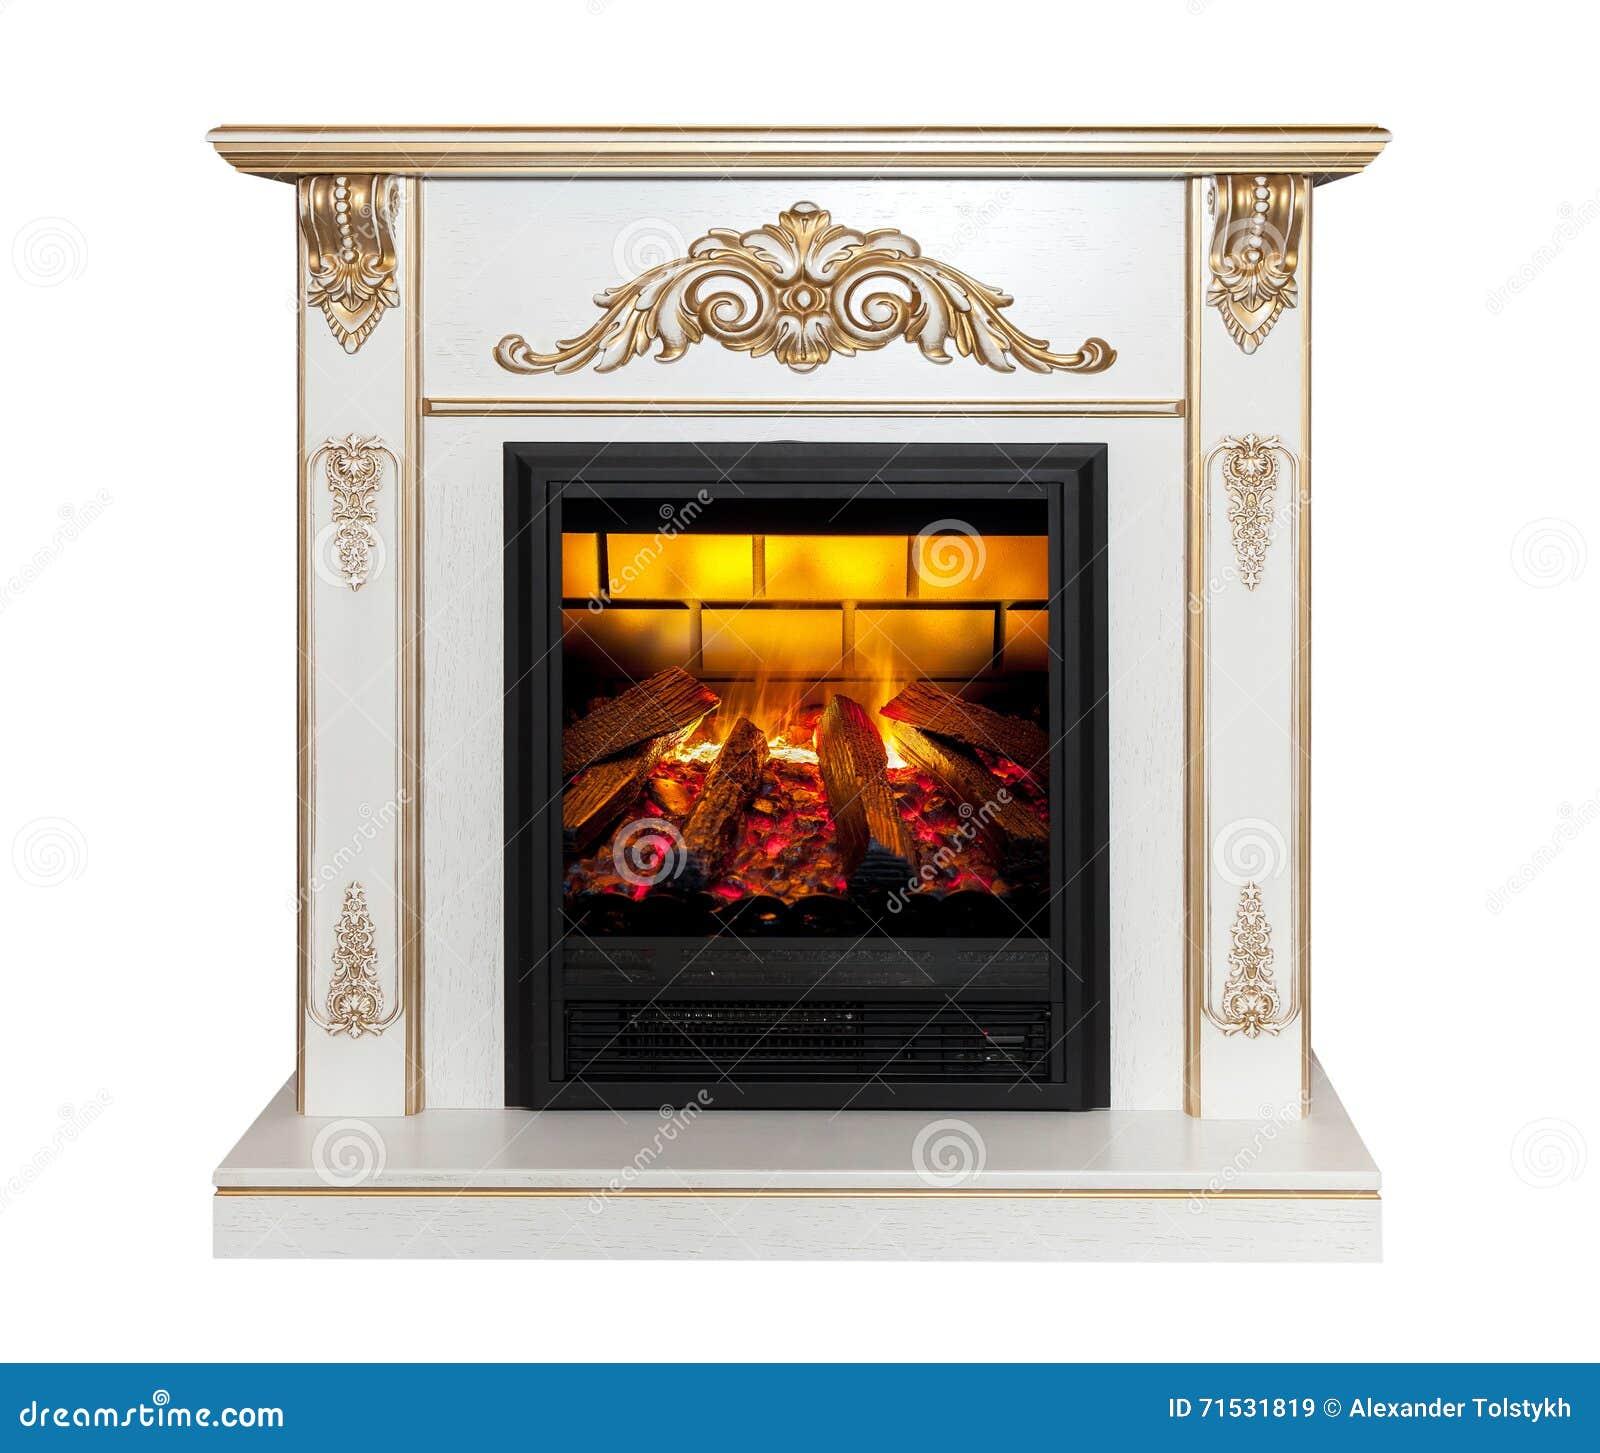 white fireplace on white background stock image image 71531819